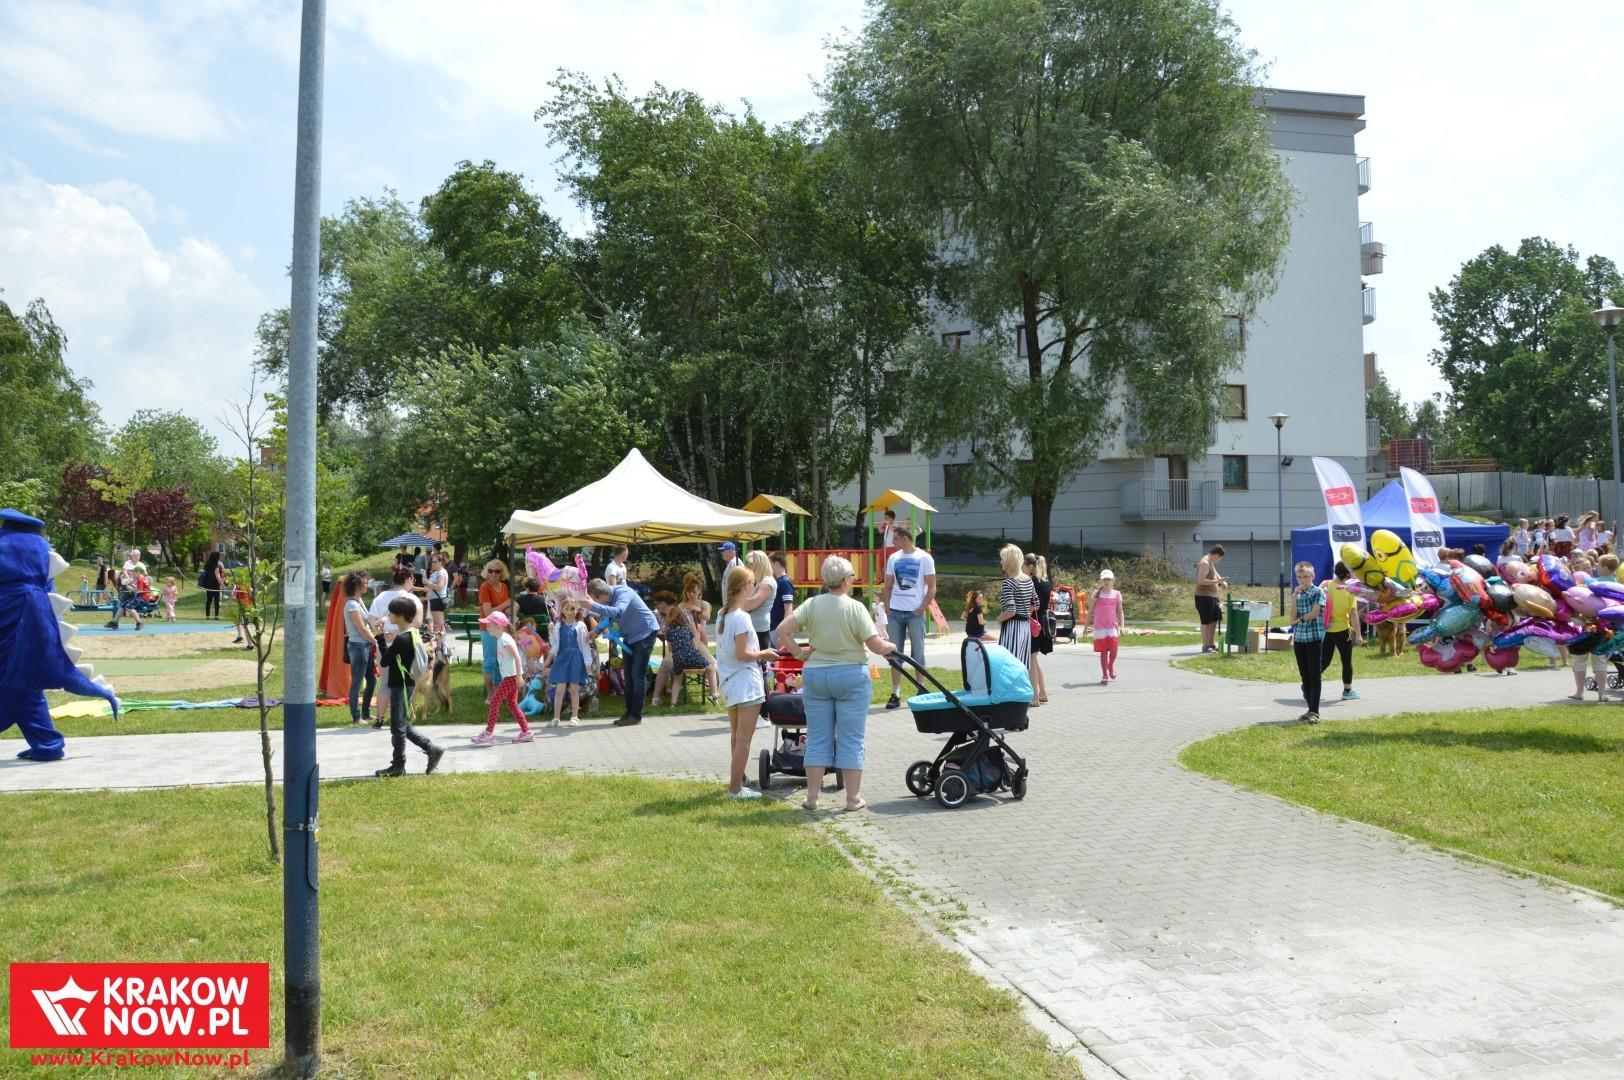 25 lat osiedla rzaka krakow festyn rodzinny 4 150x150 - 25 lat Osiedla Rżąka - galeria zdjęć z festynu